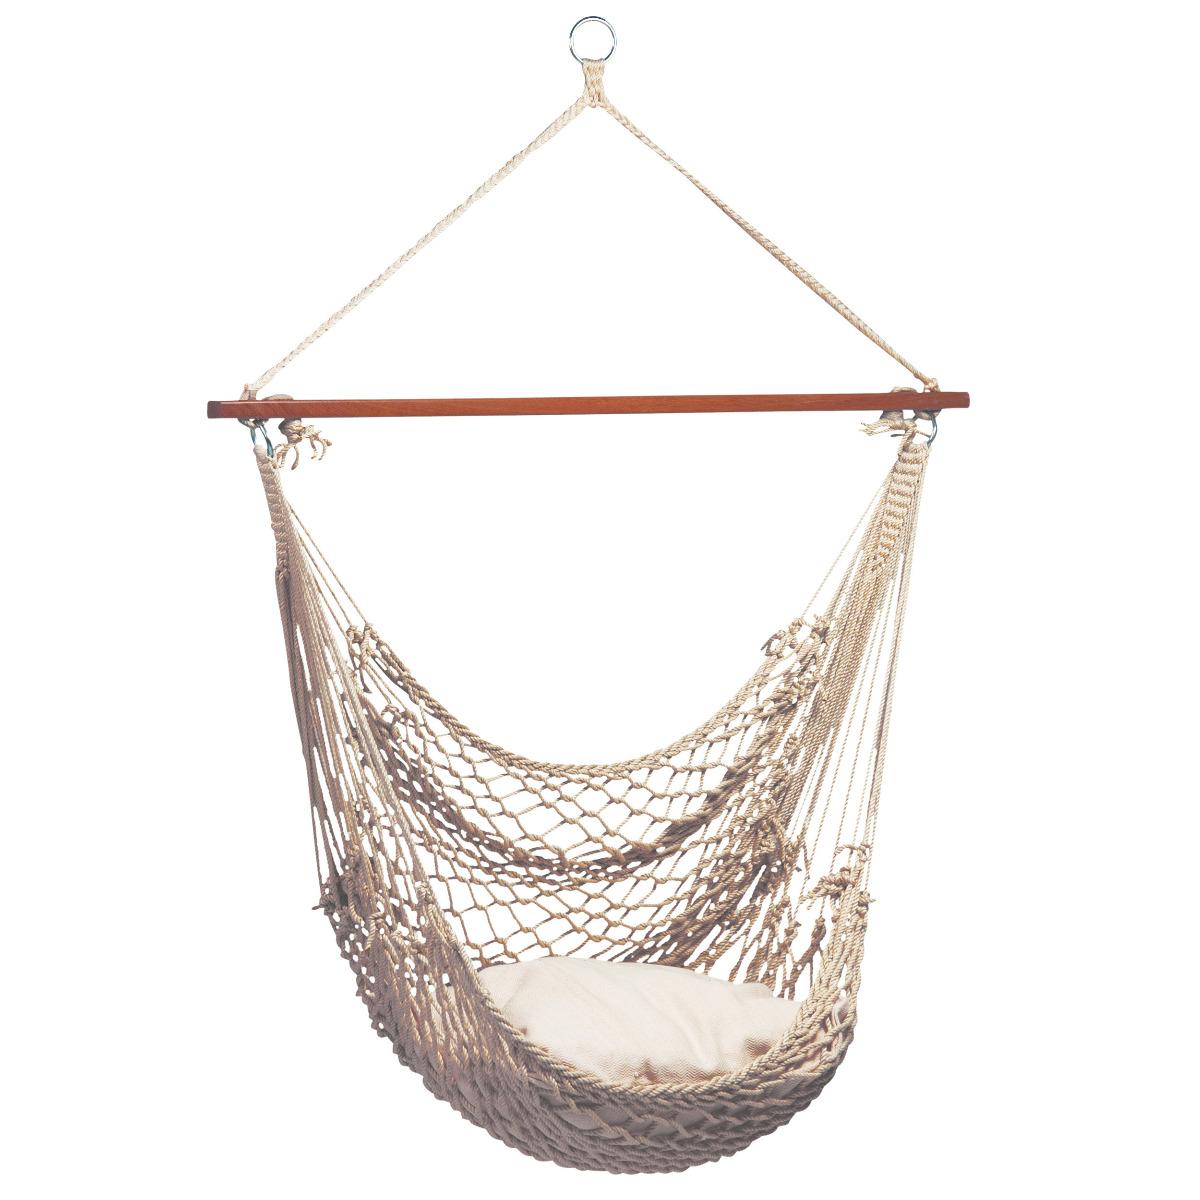 Hangstoel Eénpersoons 'Rope' Natura - Wit - Ecru - Tropilex ®